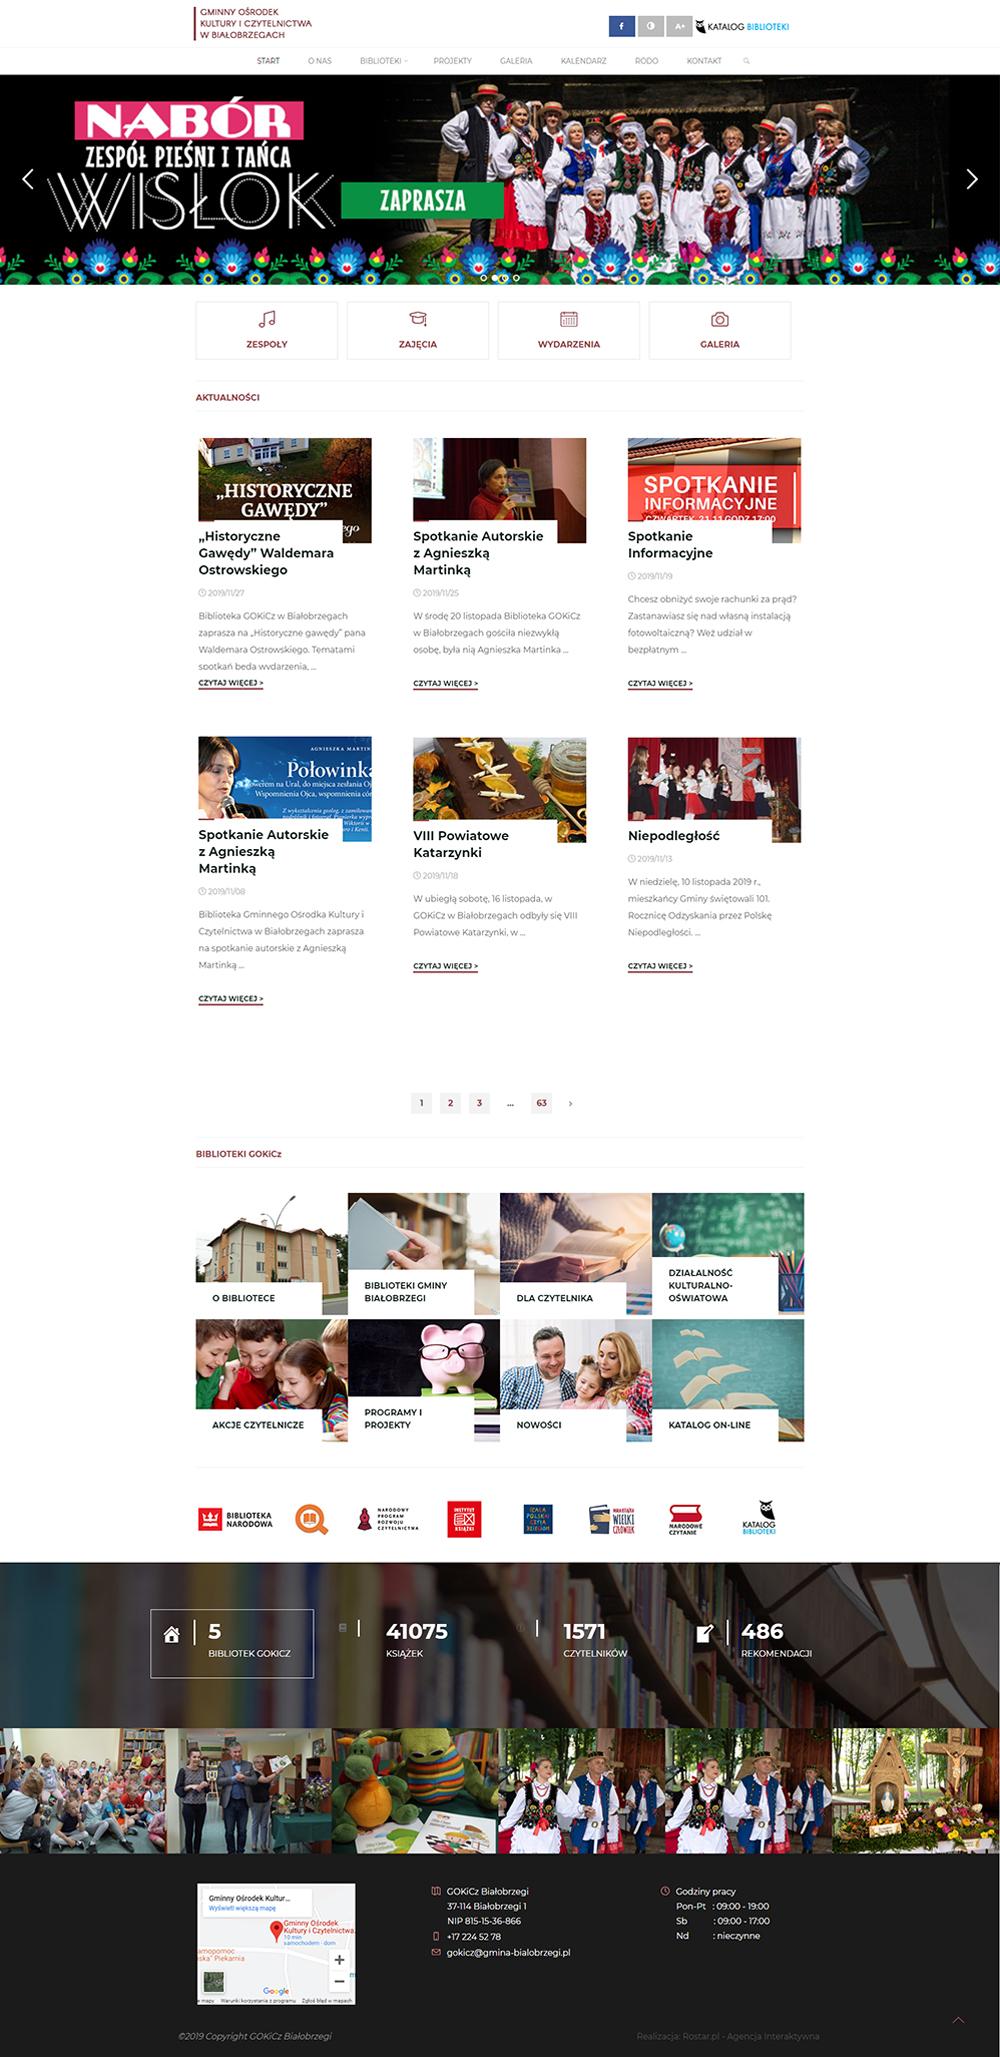 rostar - strony sklepy internetowe - gokicz bialobrzegi